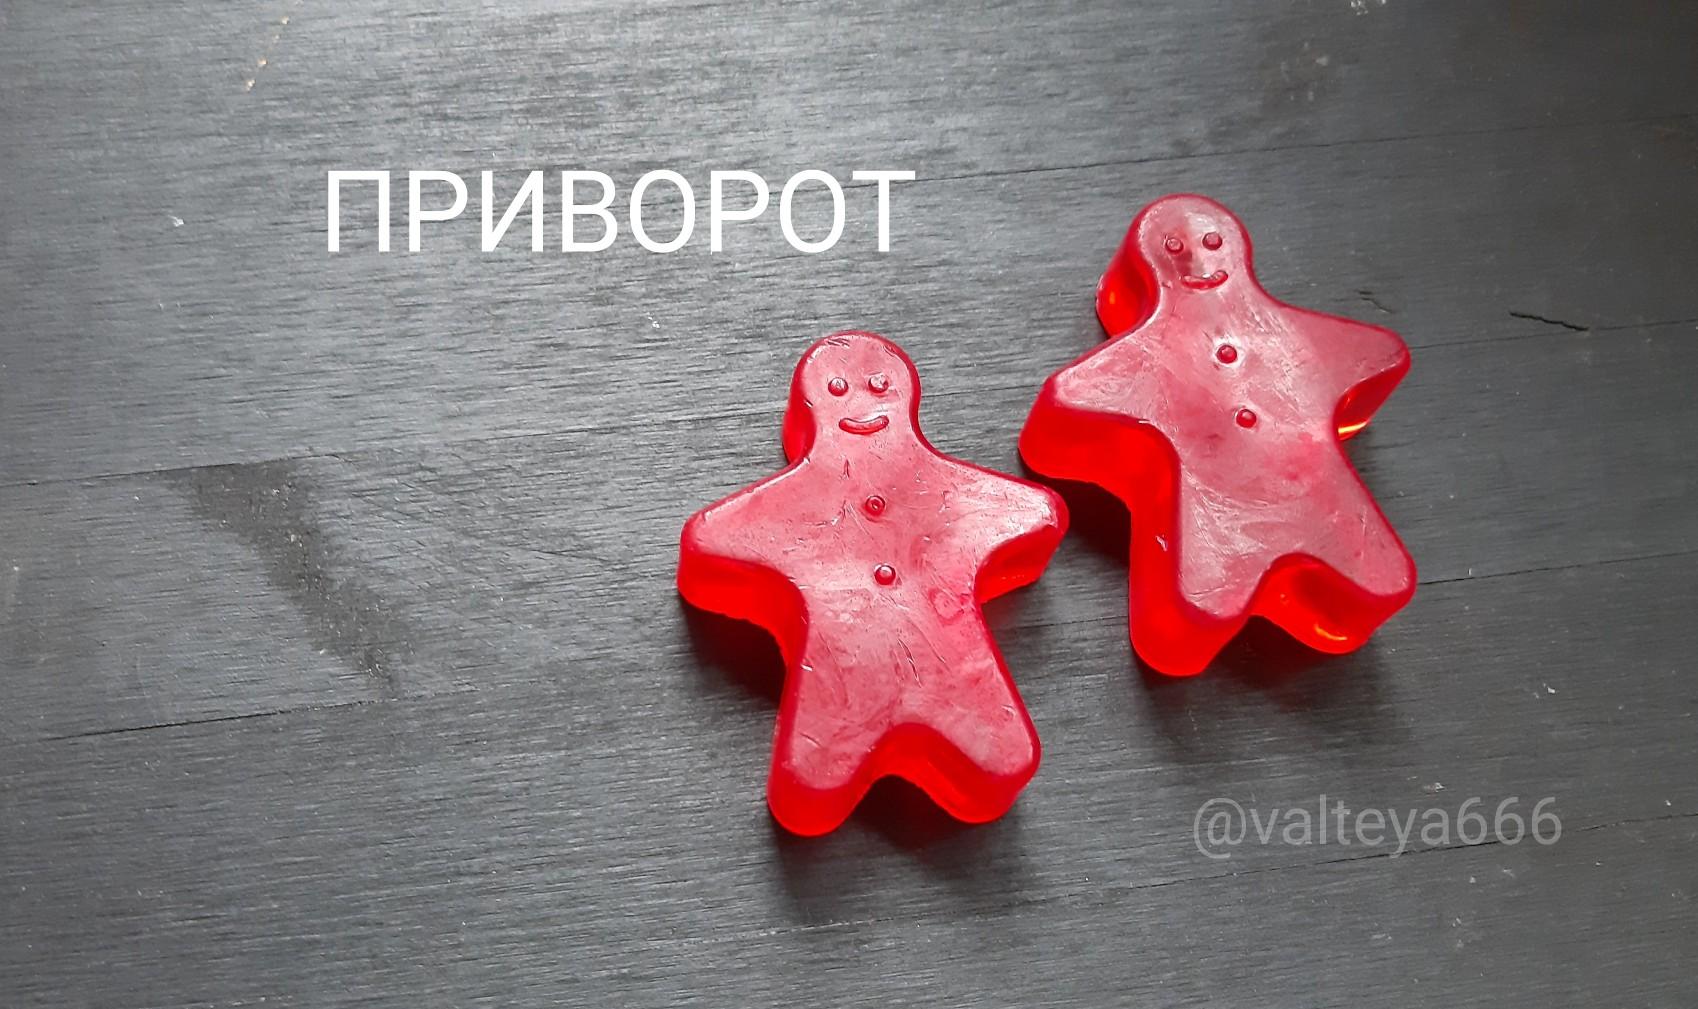 очарование - Программное мыло ручной работы от Елены Руденко - Страница 2 VGpaUM5_ilA